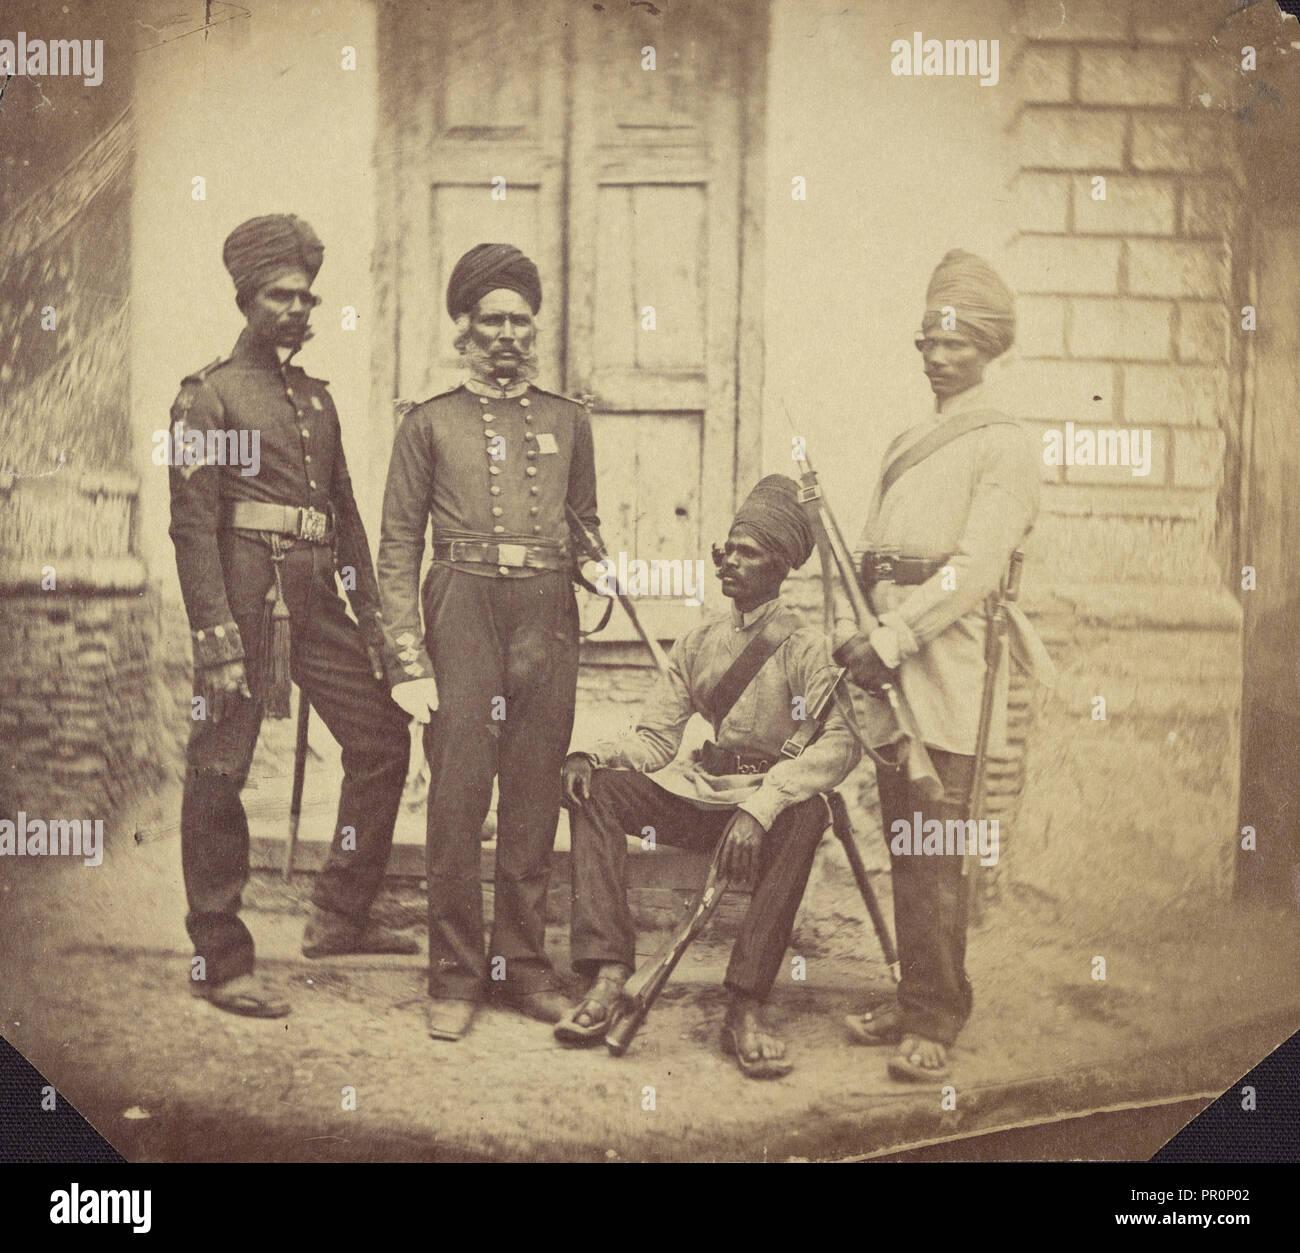 Soubador & Sepoys; Felice Beato, 1832 - 1909, India; 1858 - 1860 ...